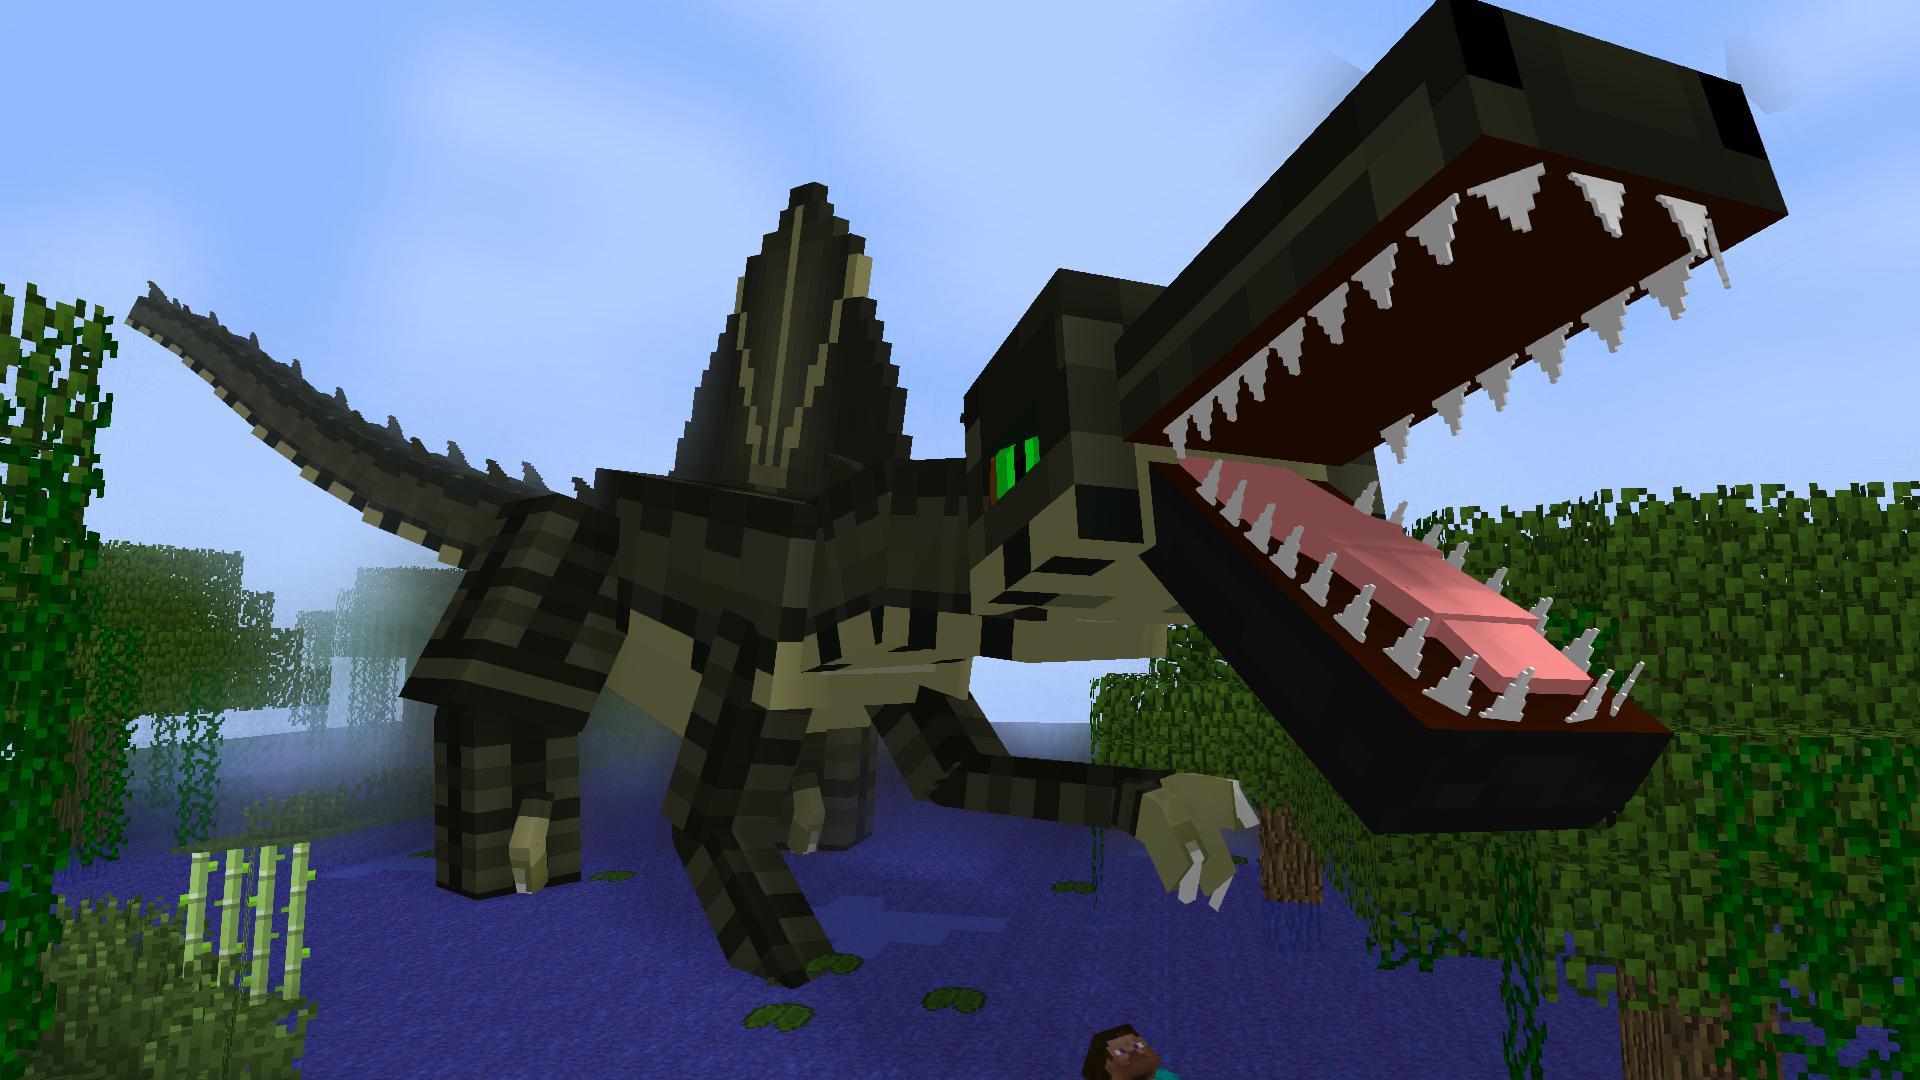 мод на динозавров в майнкрафт 1.7.10 #6